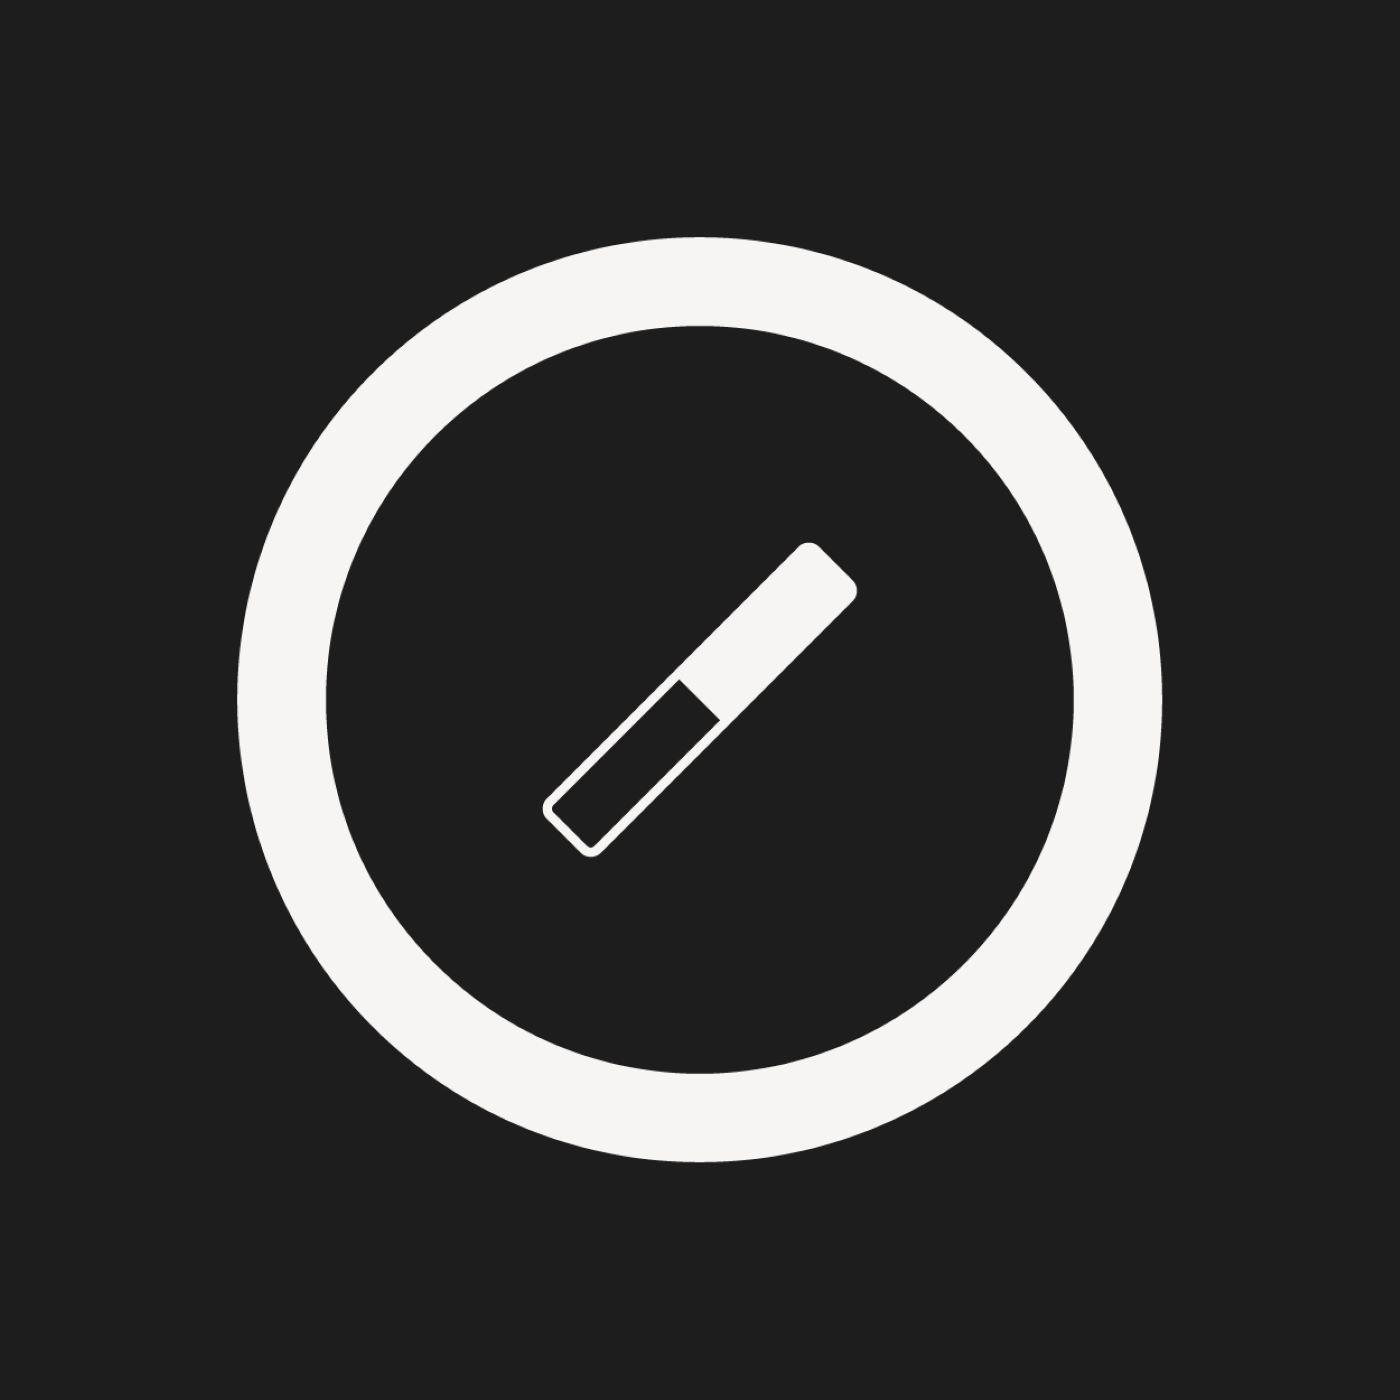 O-Ringen podcast